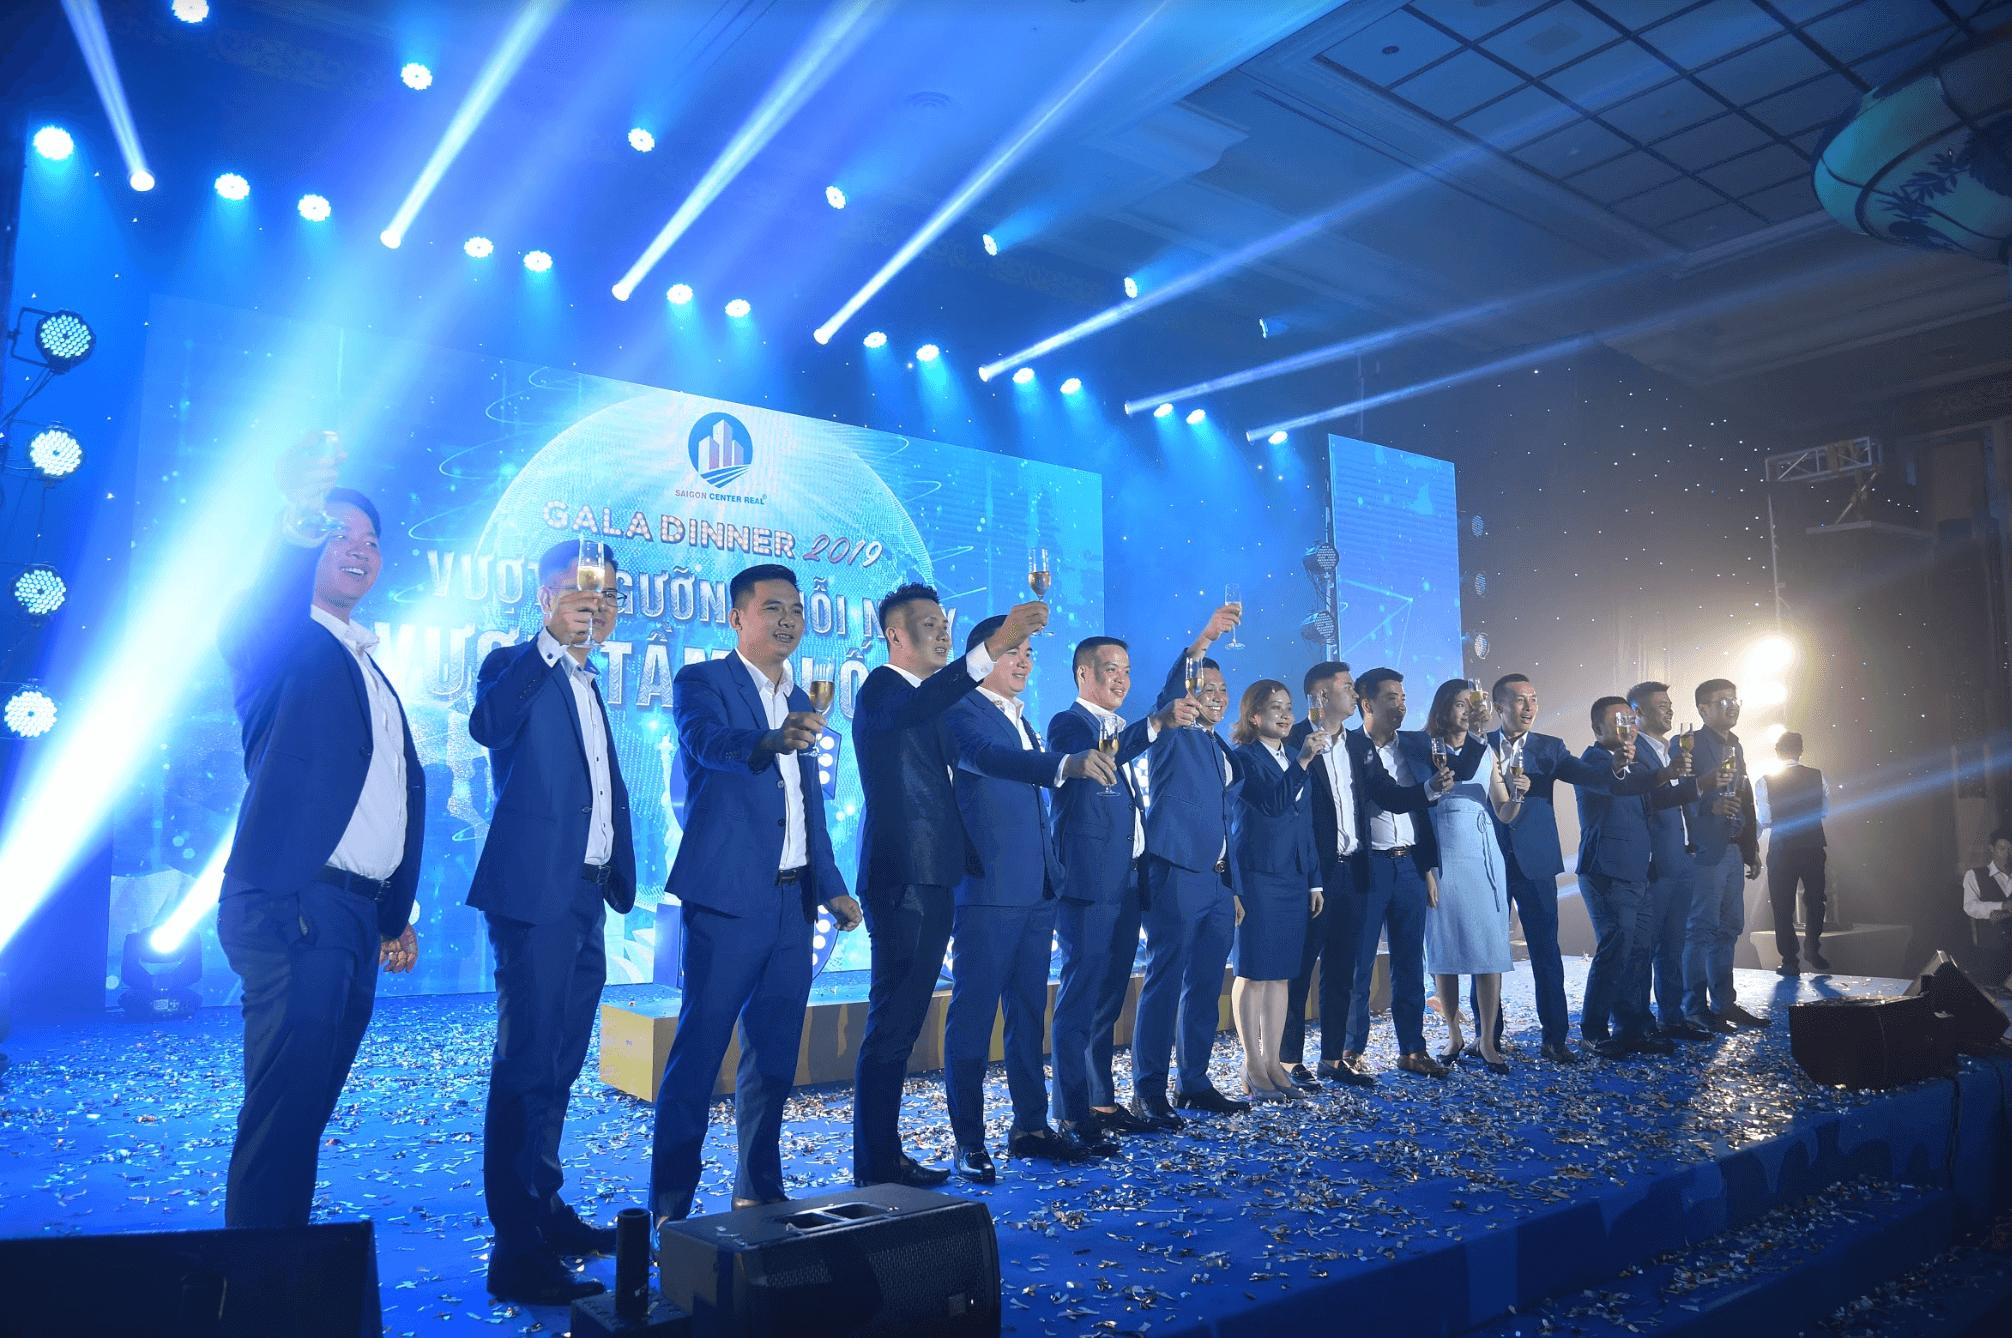 tổ chức lể kỷ niệm tại Đà Nẵng 4